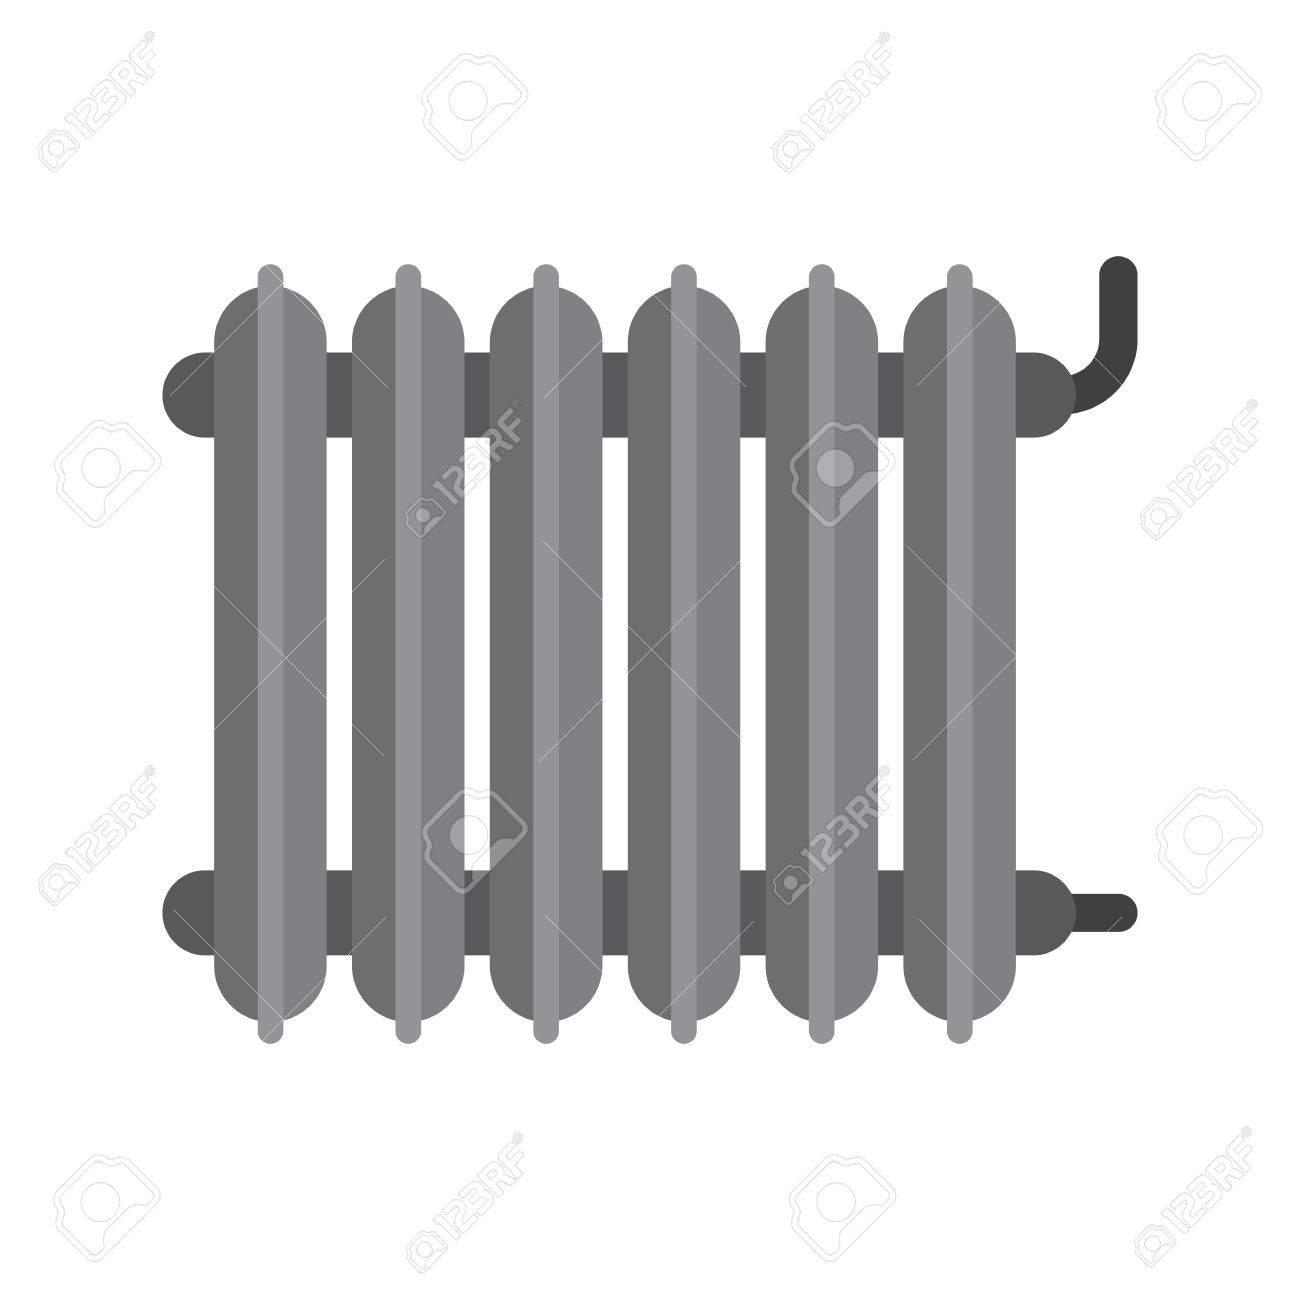 Full Size of Heizkörper Flach Heizkrper Symbol Lizenzfrei Nutzbare Vektorgrafiken Elektroheizkörper Bad Wohnzimmer Bett Für Flachdach Fenster Wohnzimmer Heizkörper Flach